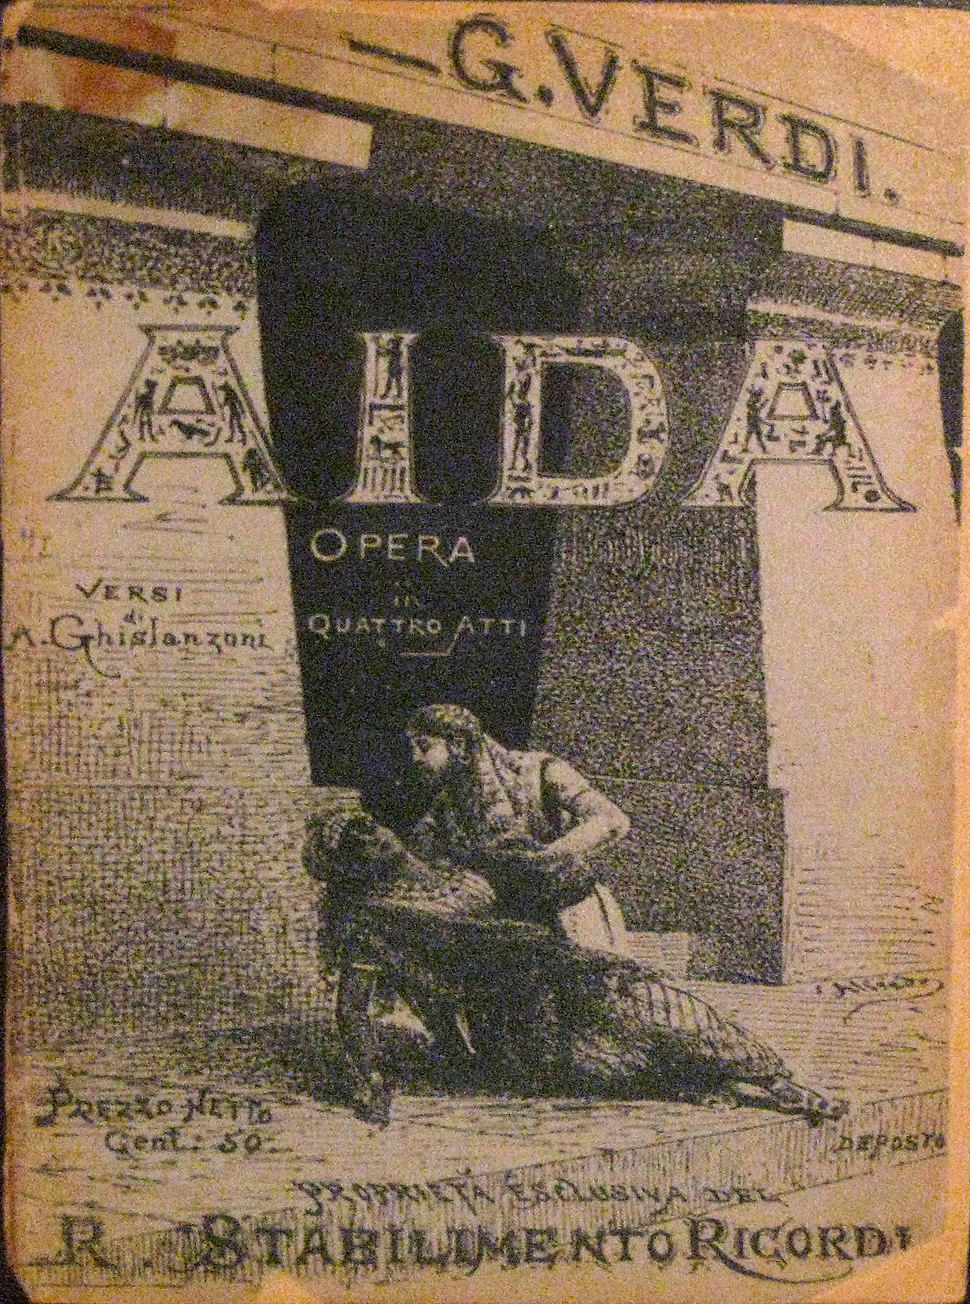 Aida (libretto, 1890)